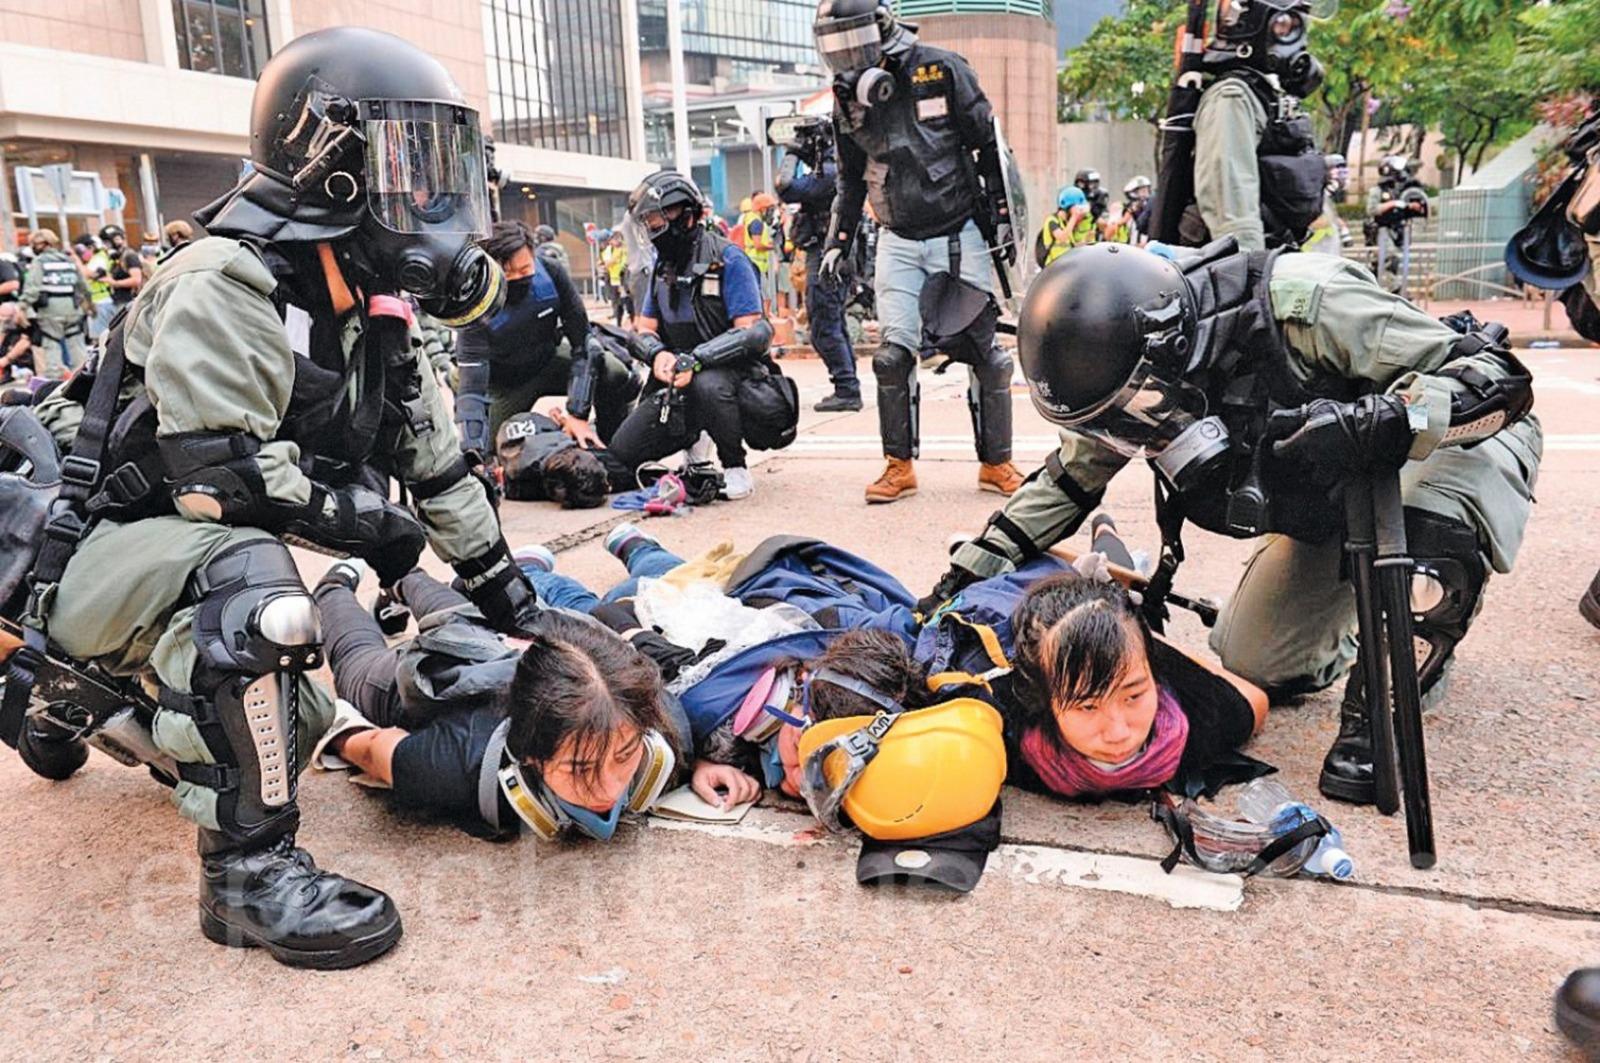 11月19日,高等法院裁定,防暴速龍不出示警員編號違反《人權法》。(大紀元資料圖片)